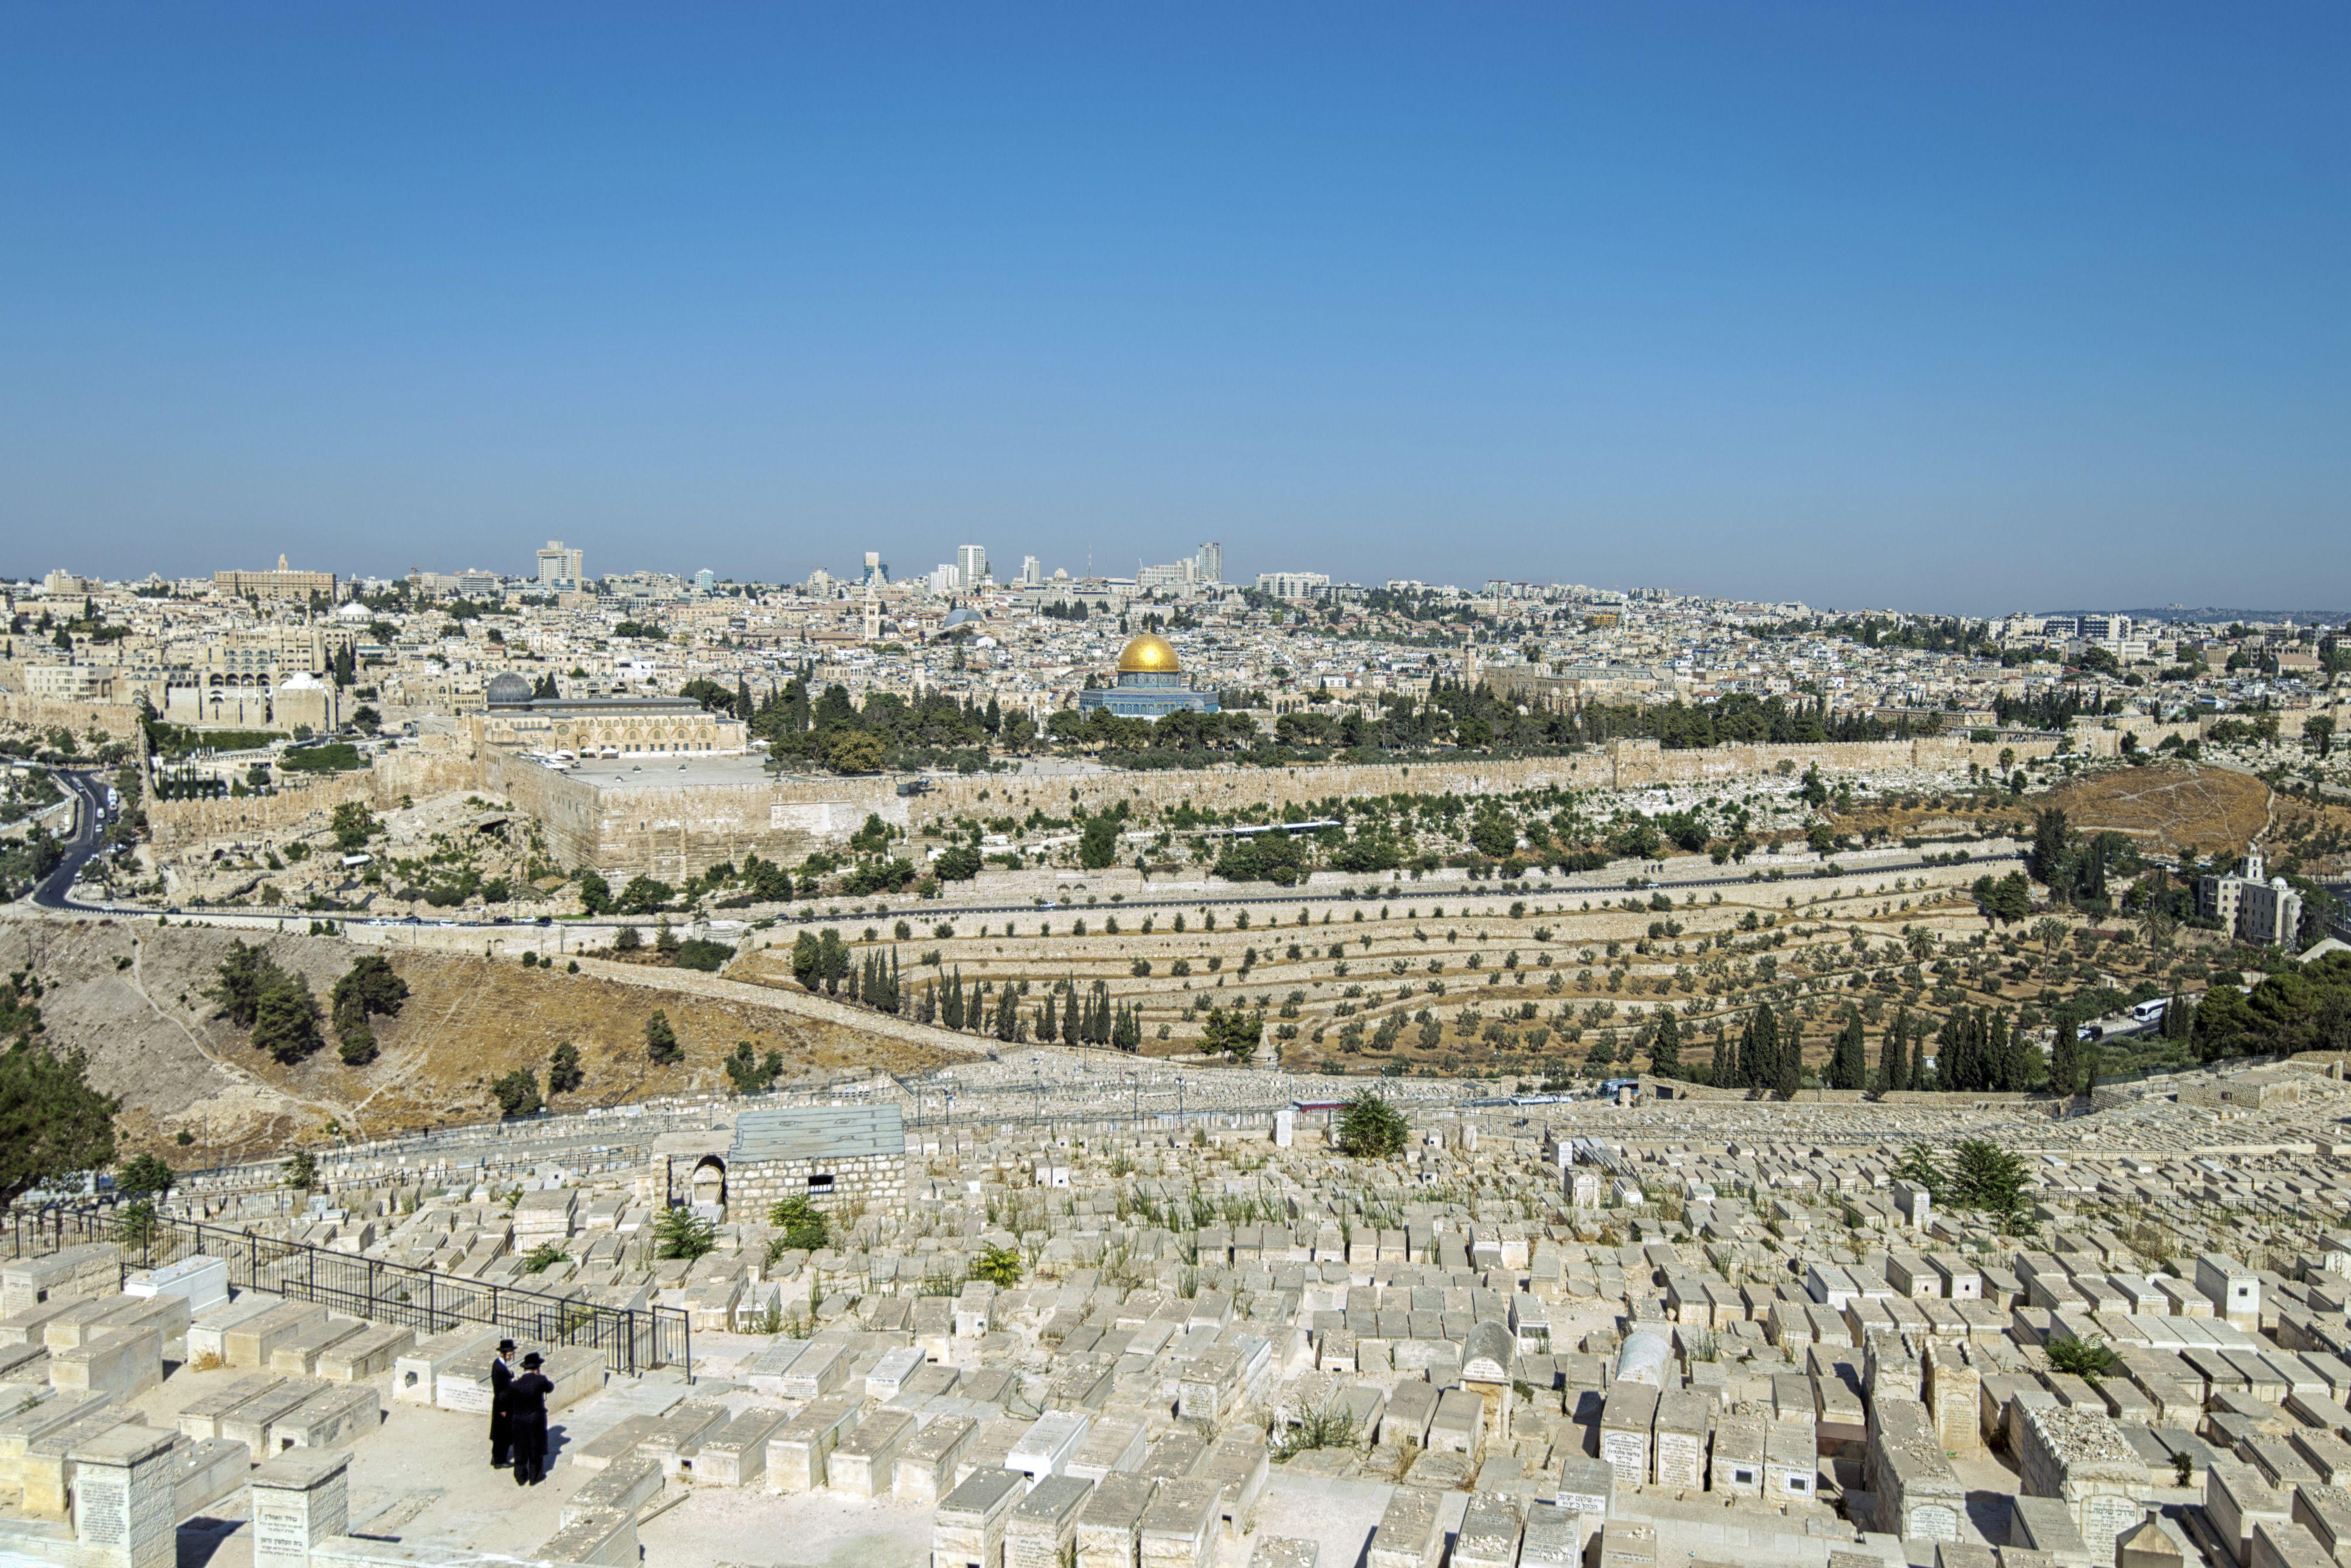 walking the mount of olives in jerusalem